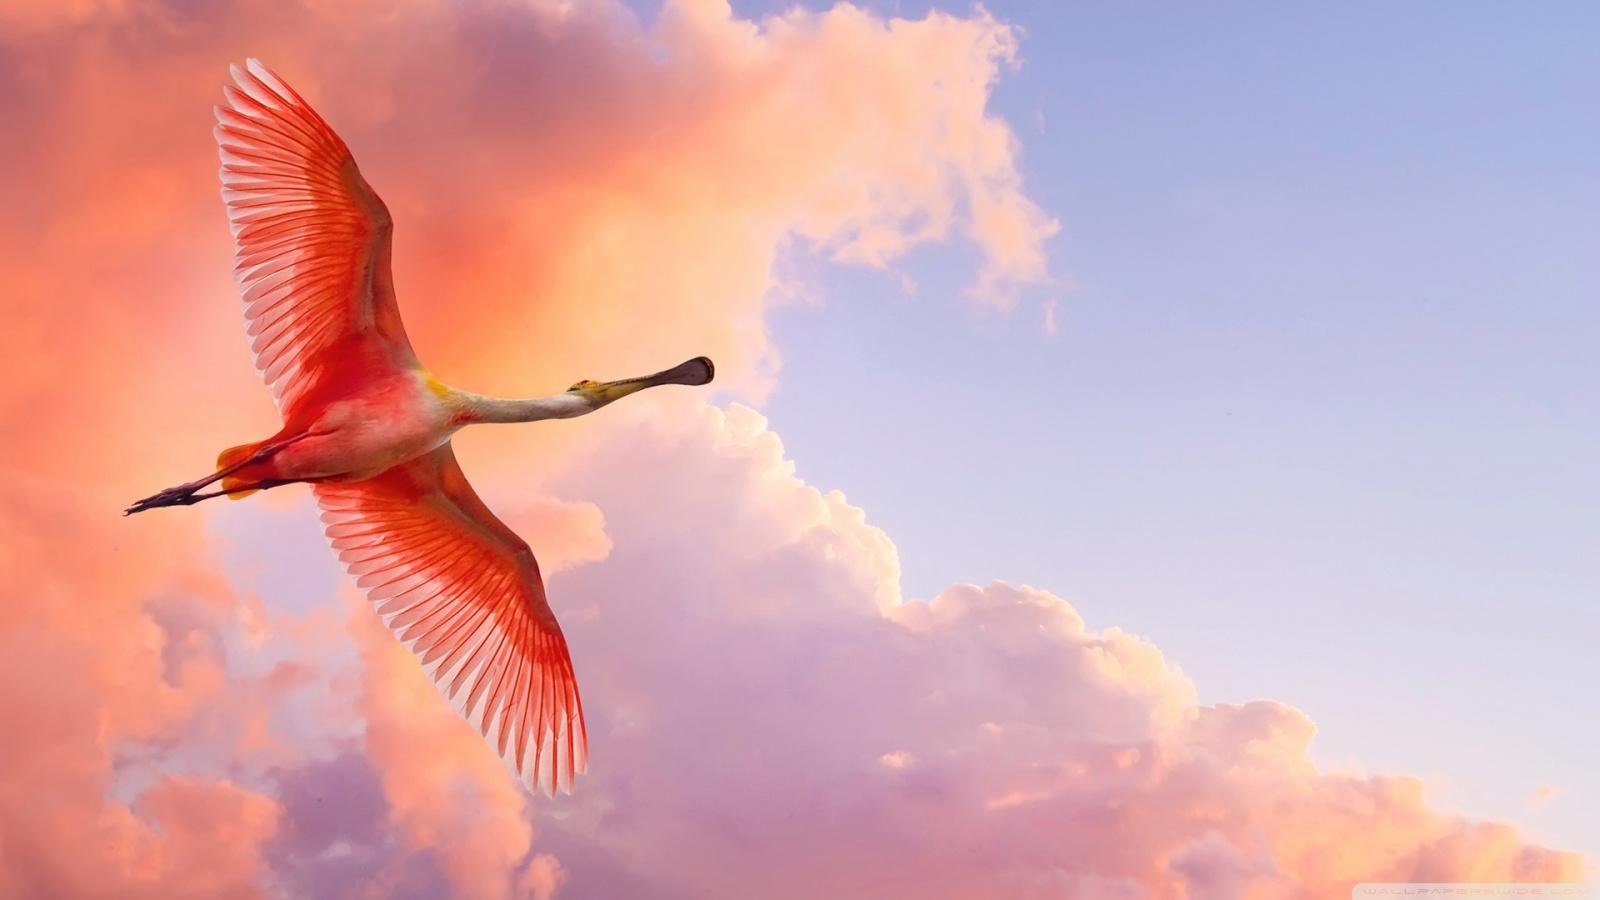 beautiful birds flying ❤ 4k hd desktop wallpaper for 4k ultra hd tv